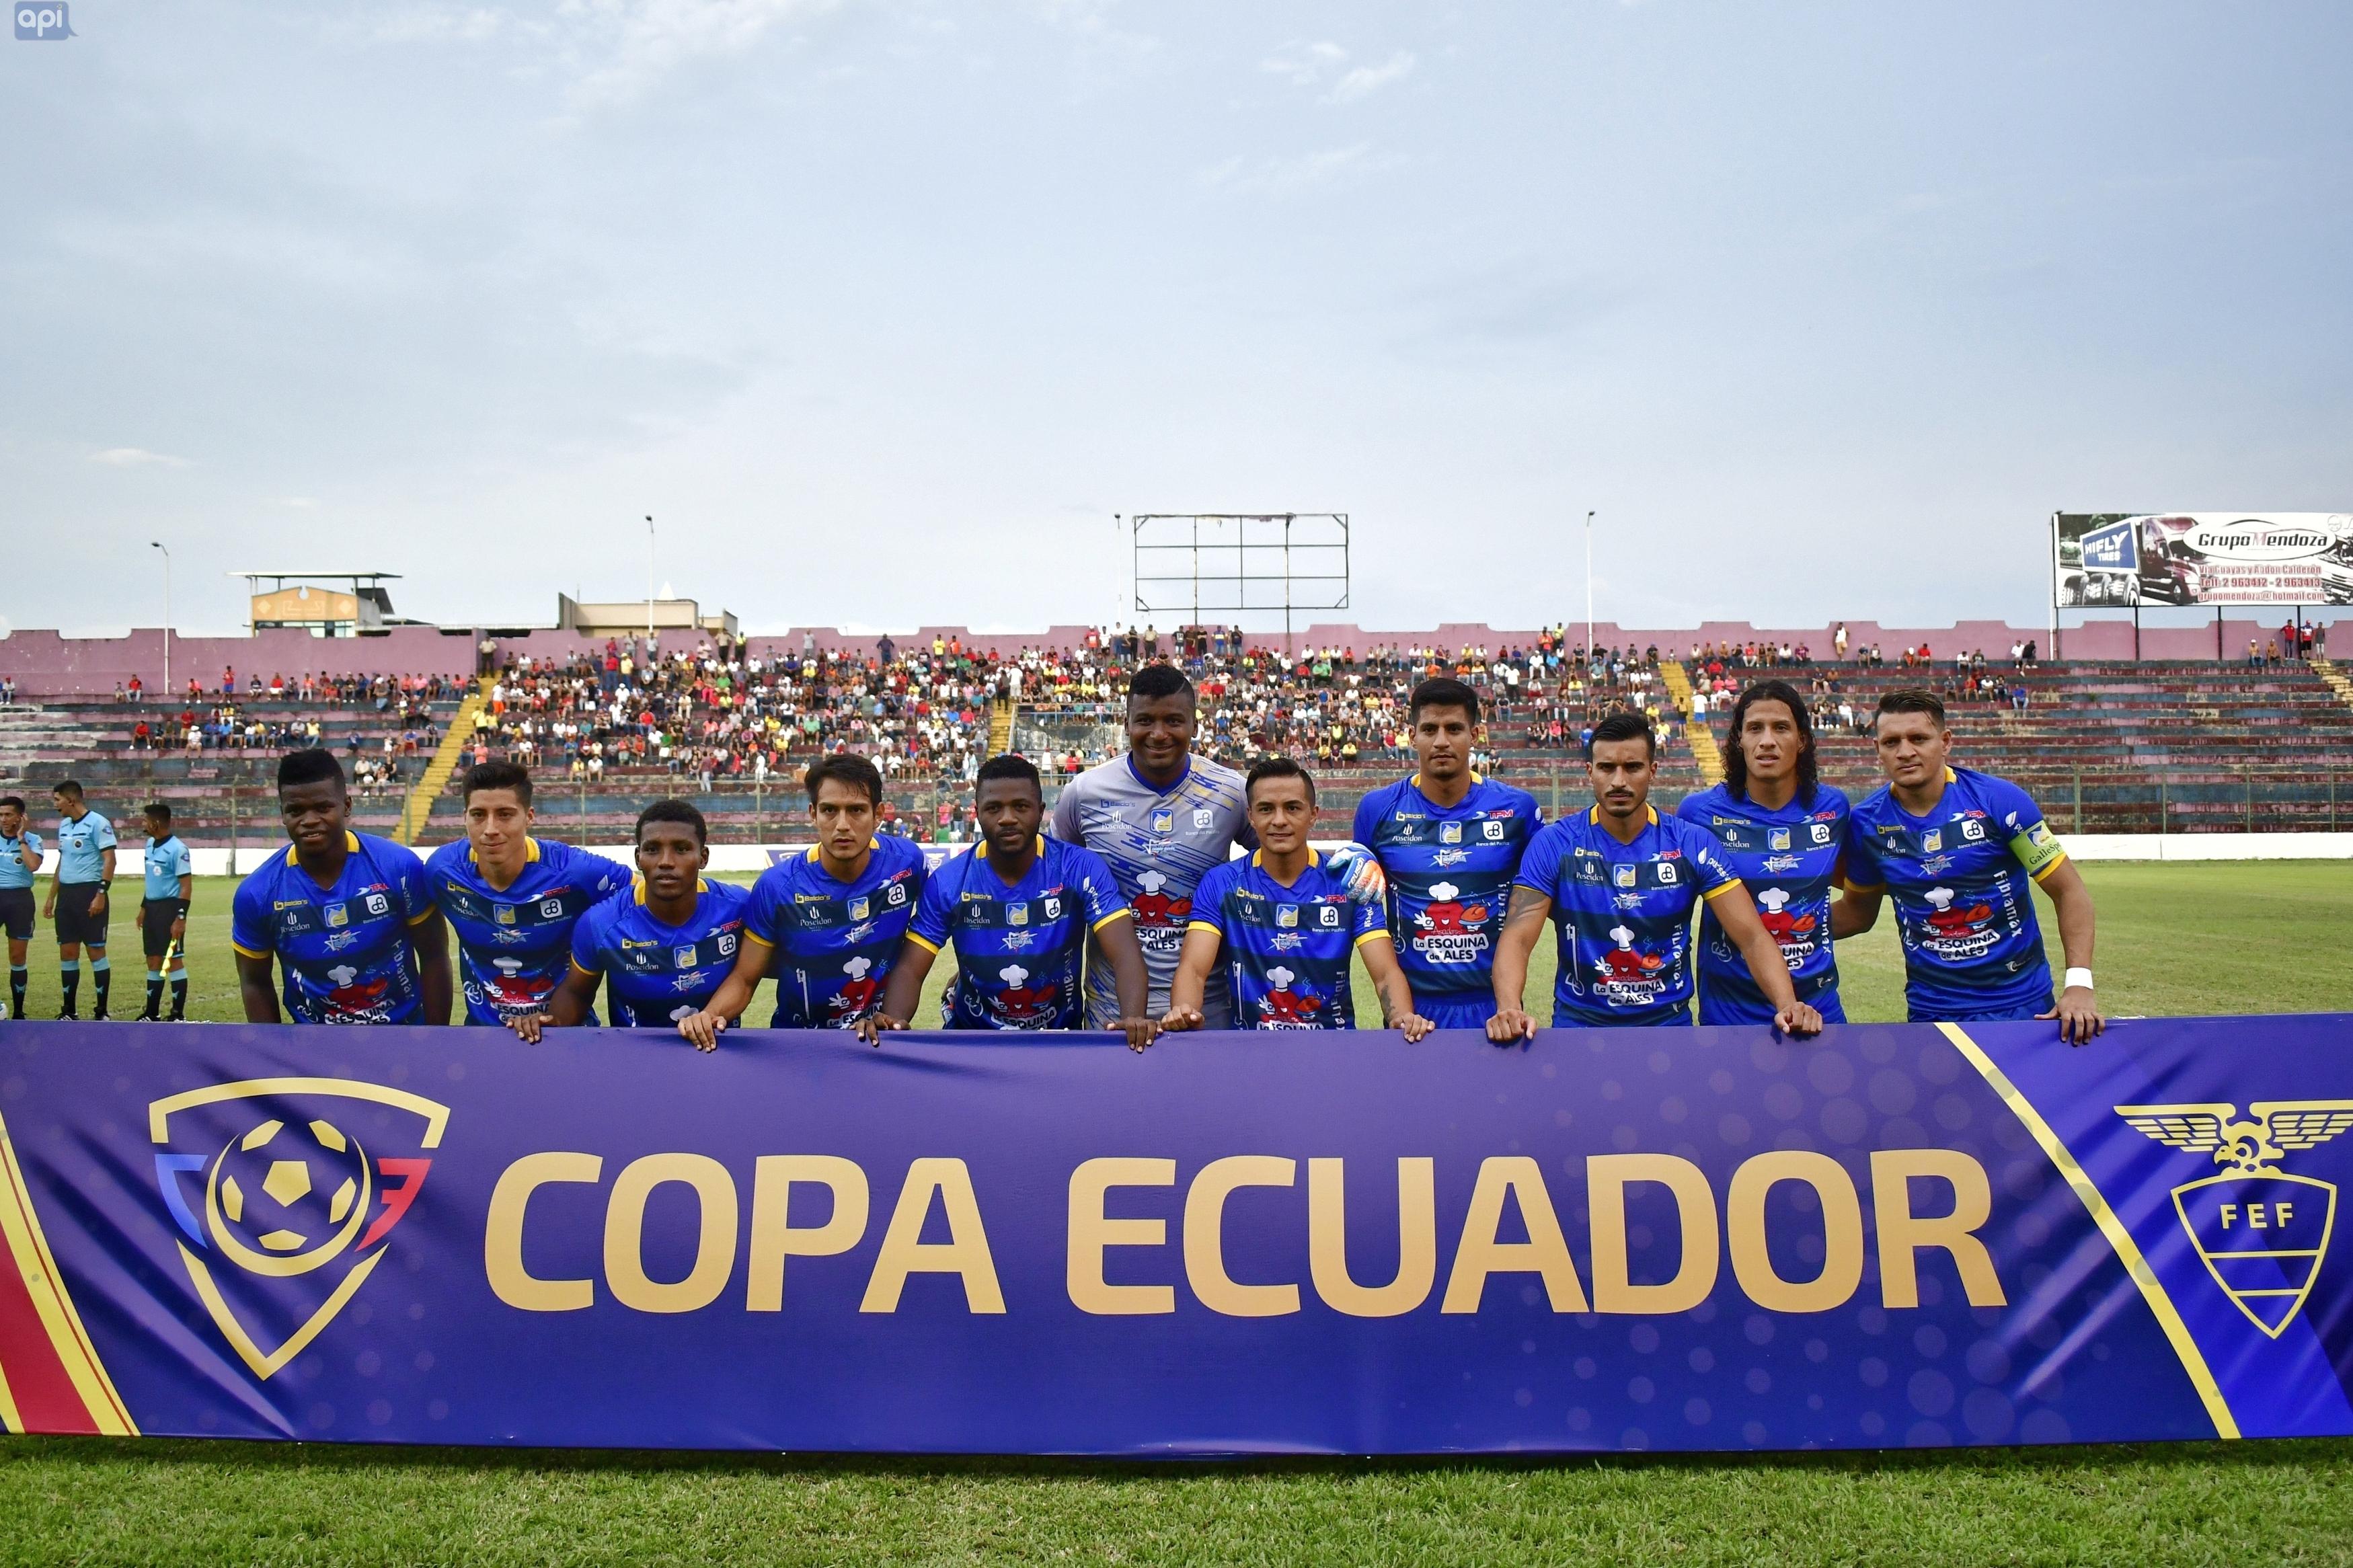 Entrada gratuita al Jocay para ver a Delfín ante Independiente Juniors por el pase a semifinales de Copa Ecuador